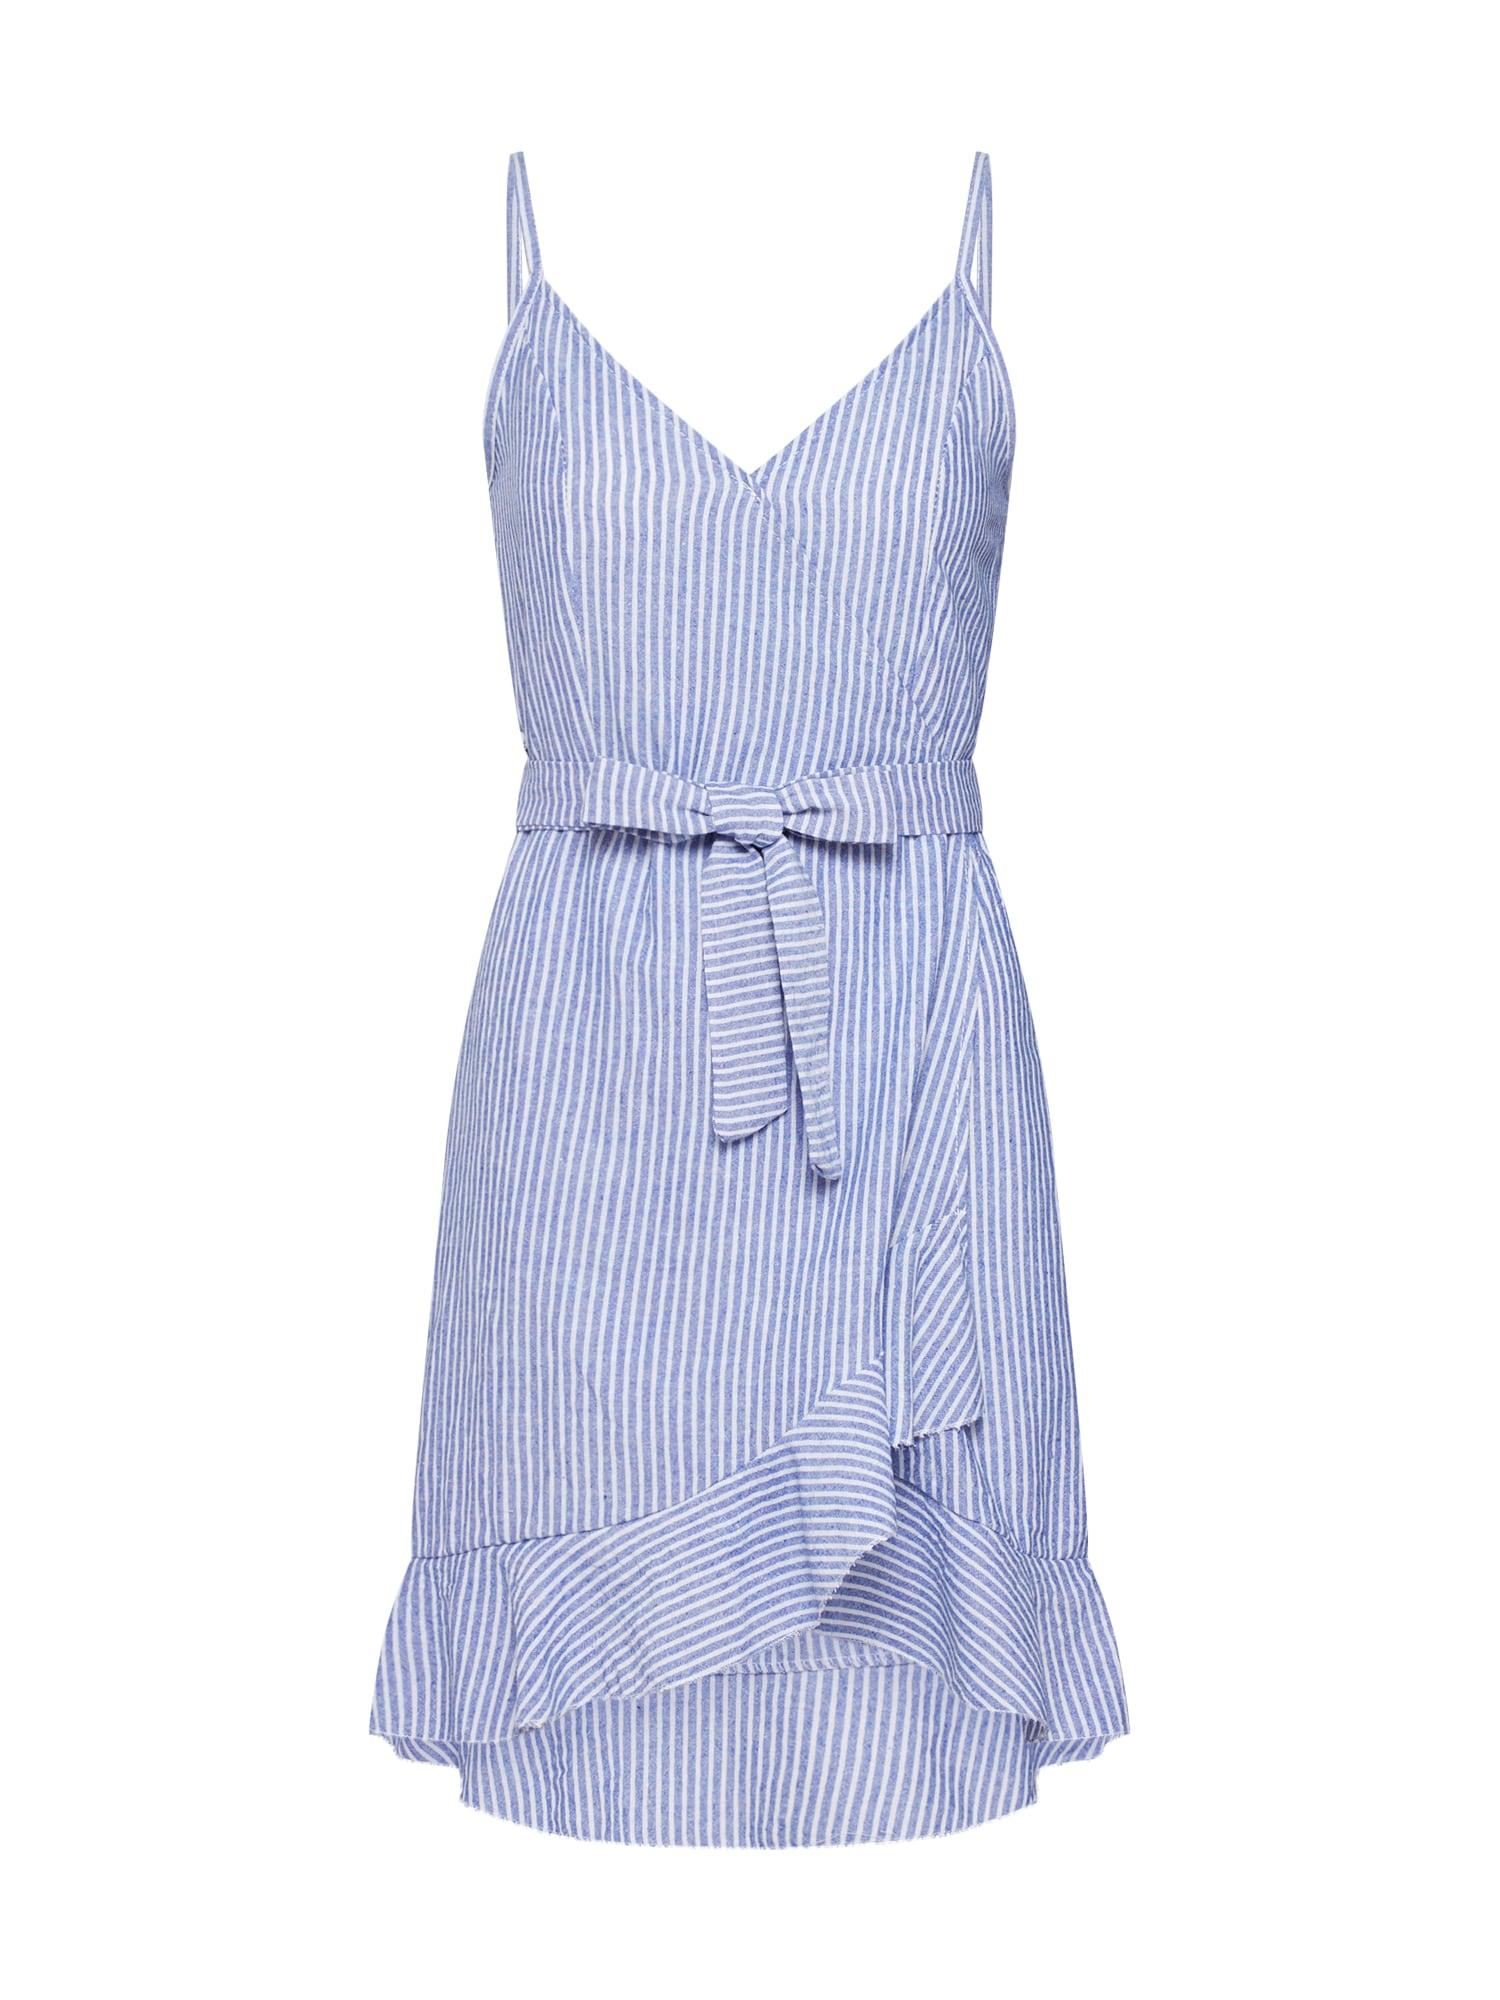 Letní šaty Evie modrá bílá Hailys